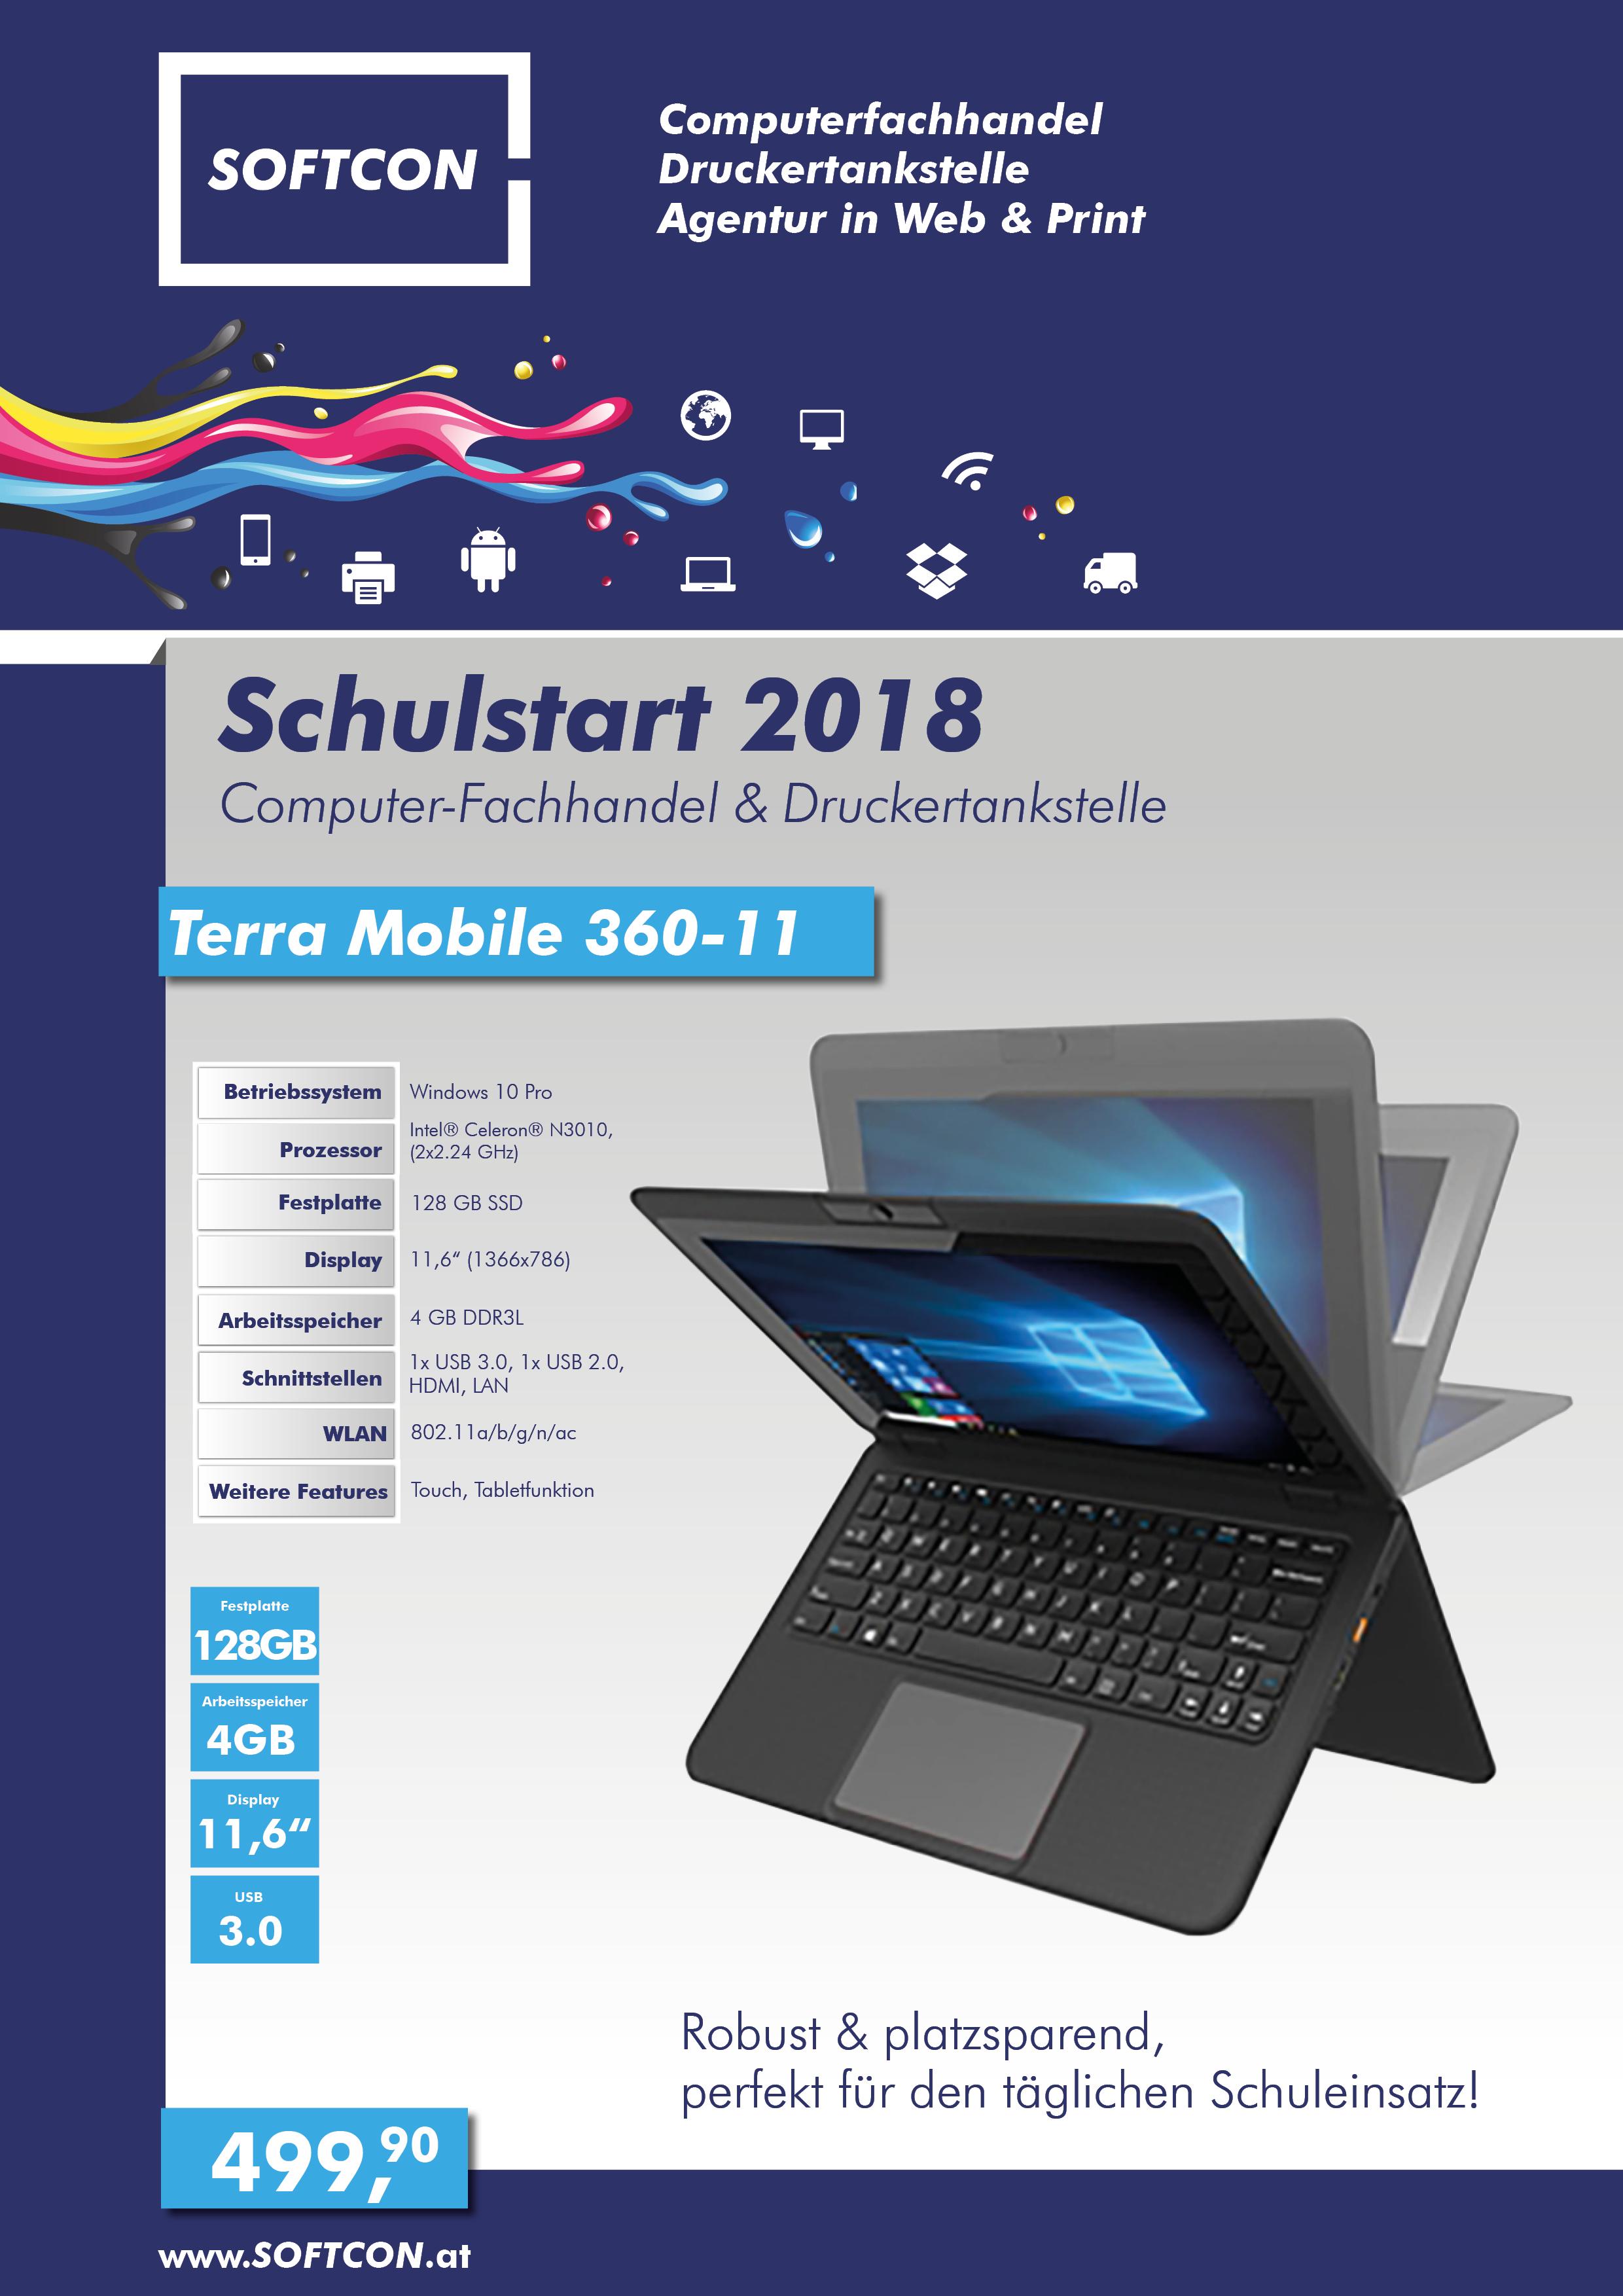 SOFTCON Schulstart 2018